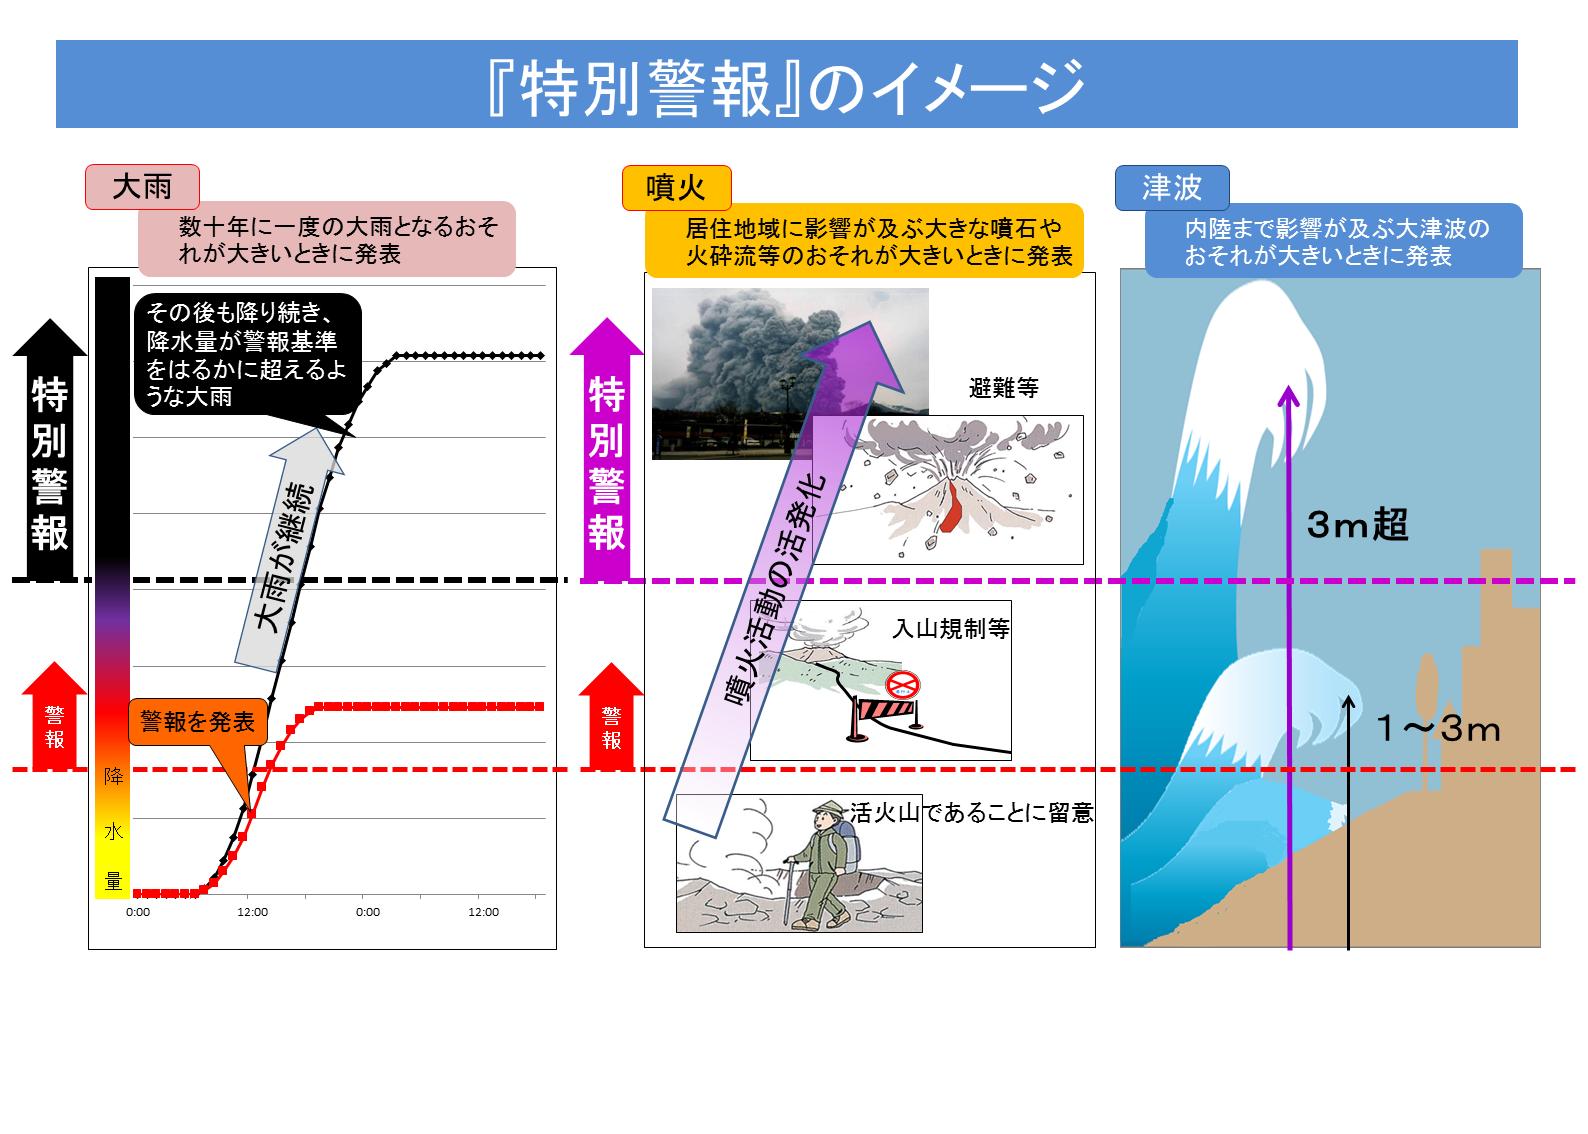 気象庁 | 特別警報について